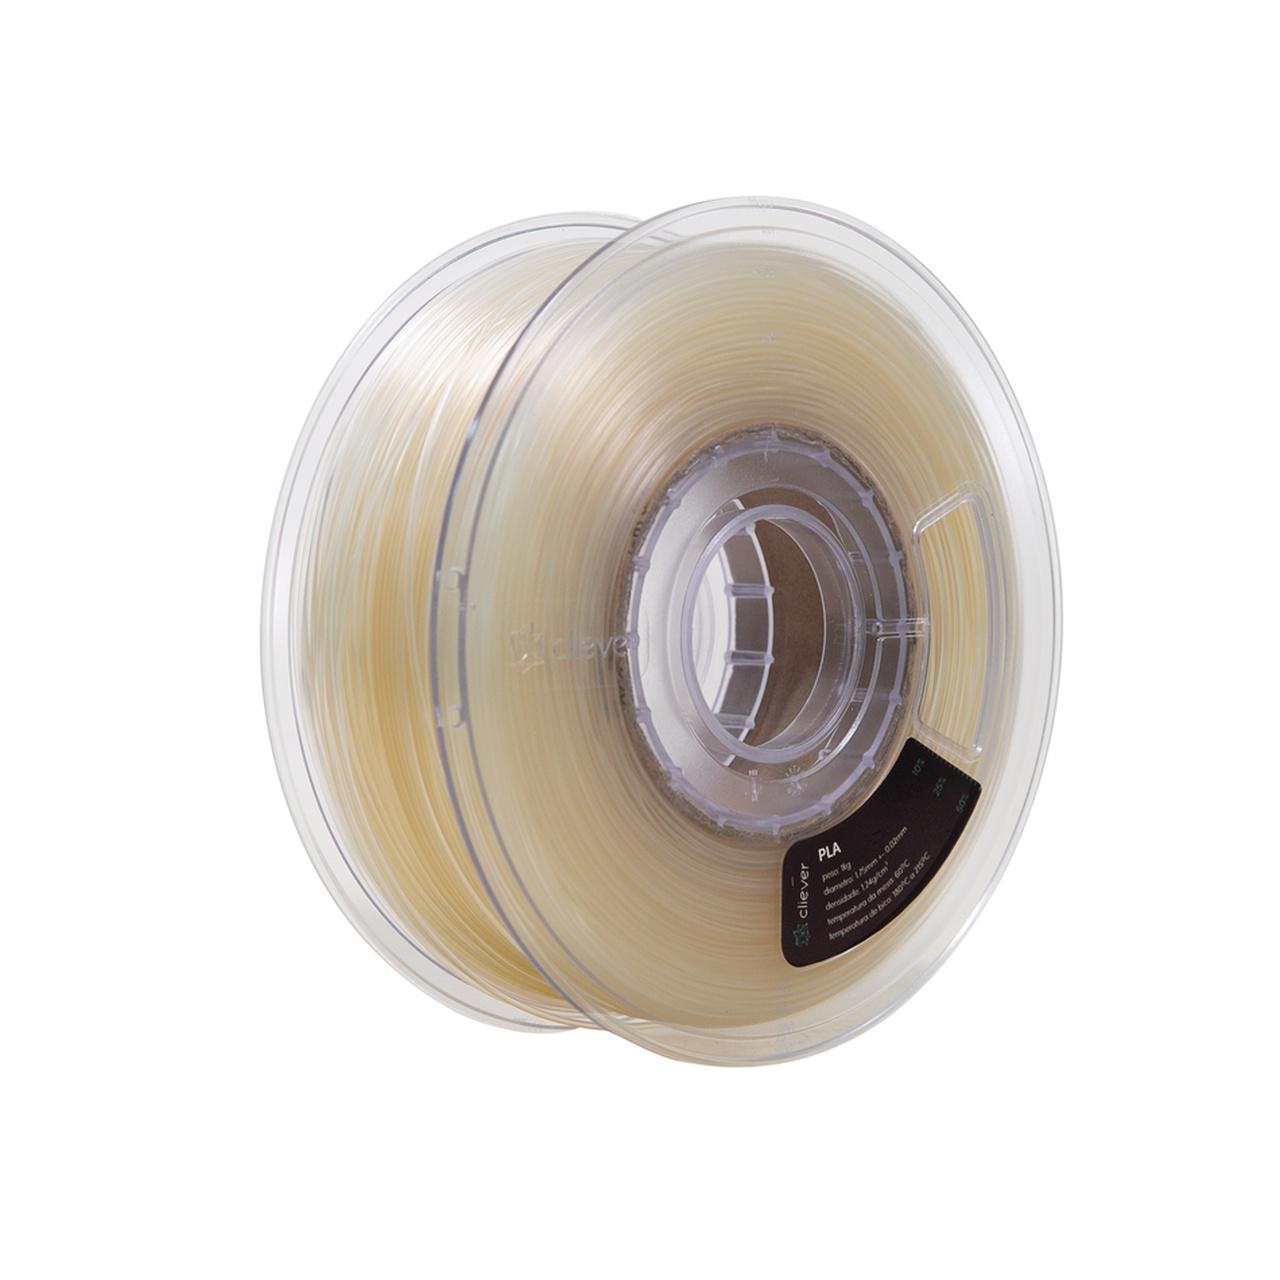 Filamento PLA - Natural - Cliever - 1.75mm - 1kg